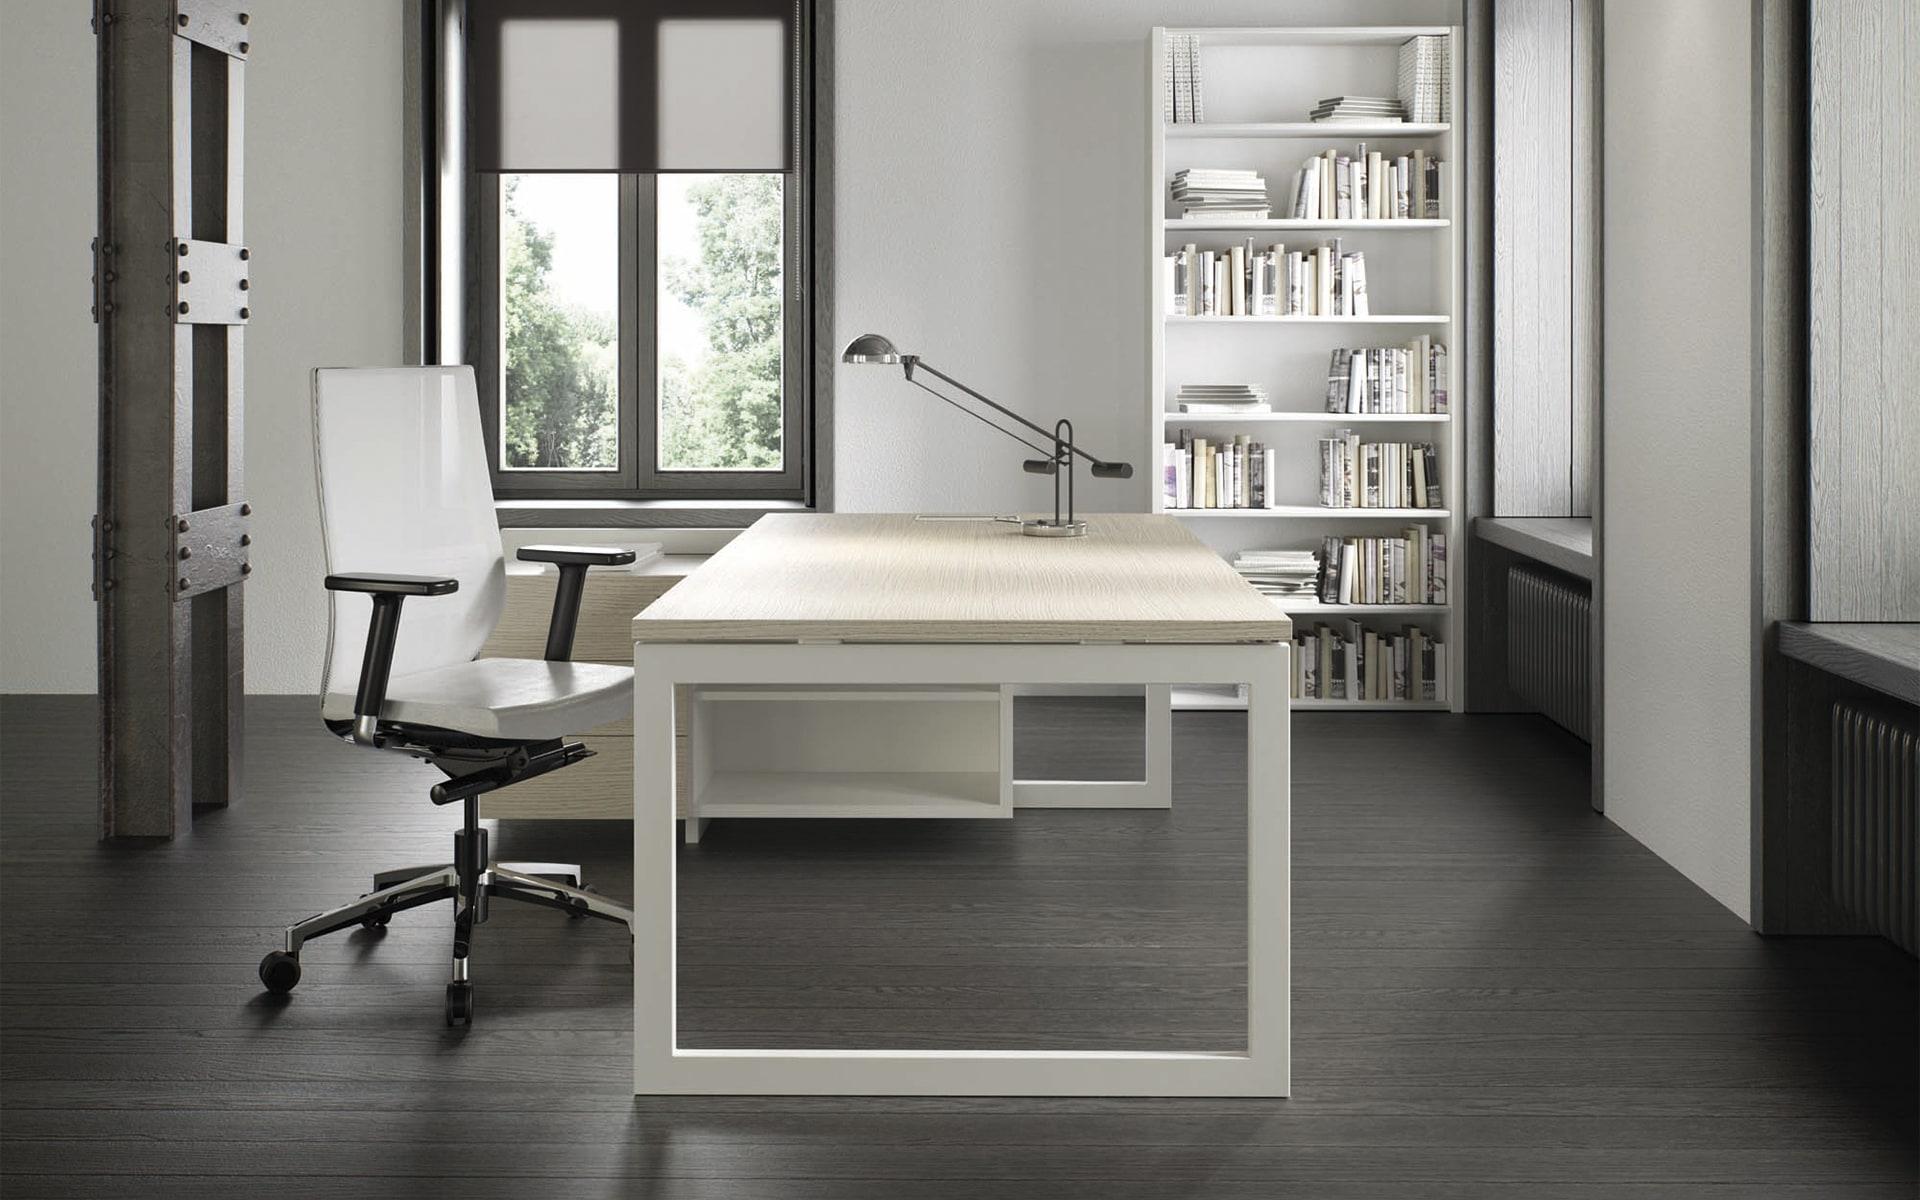 Weisser Forma 5 Eben Bürostuhl von ITO Design in monochromem Büro